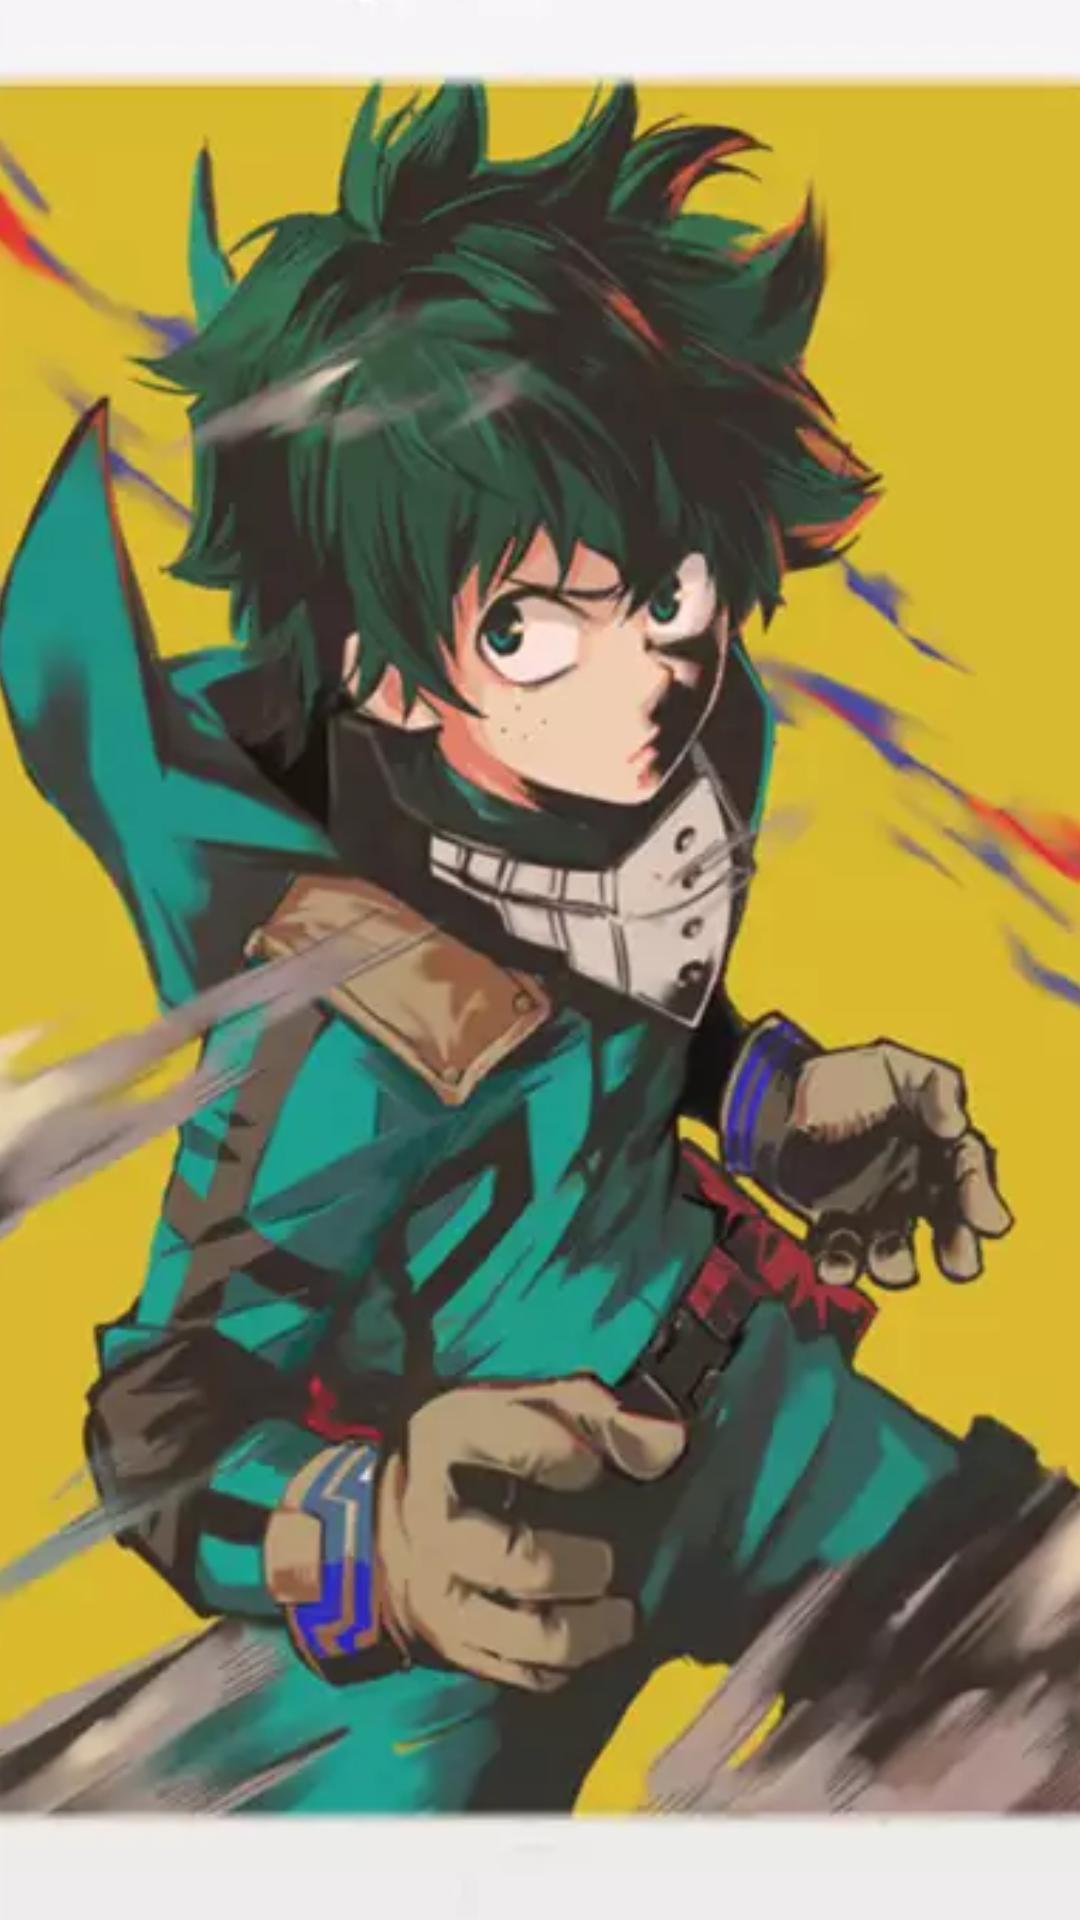 Boku No Hero Wallpaper Android Hd Dowload Anime Wallpaper Hd